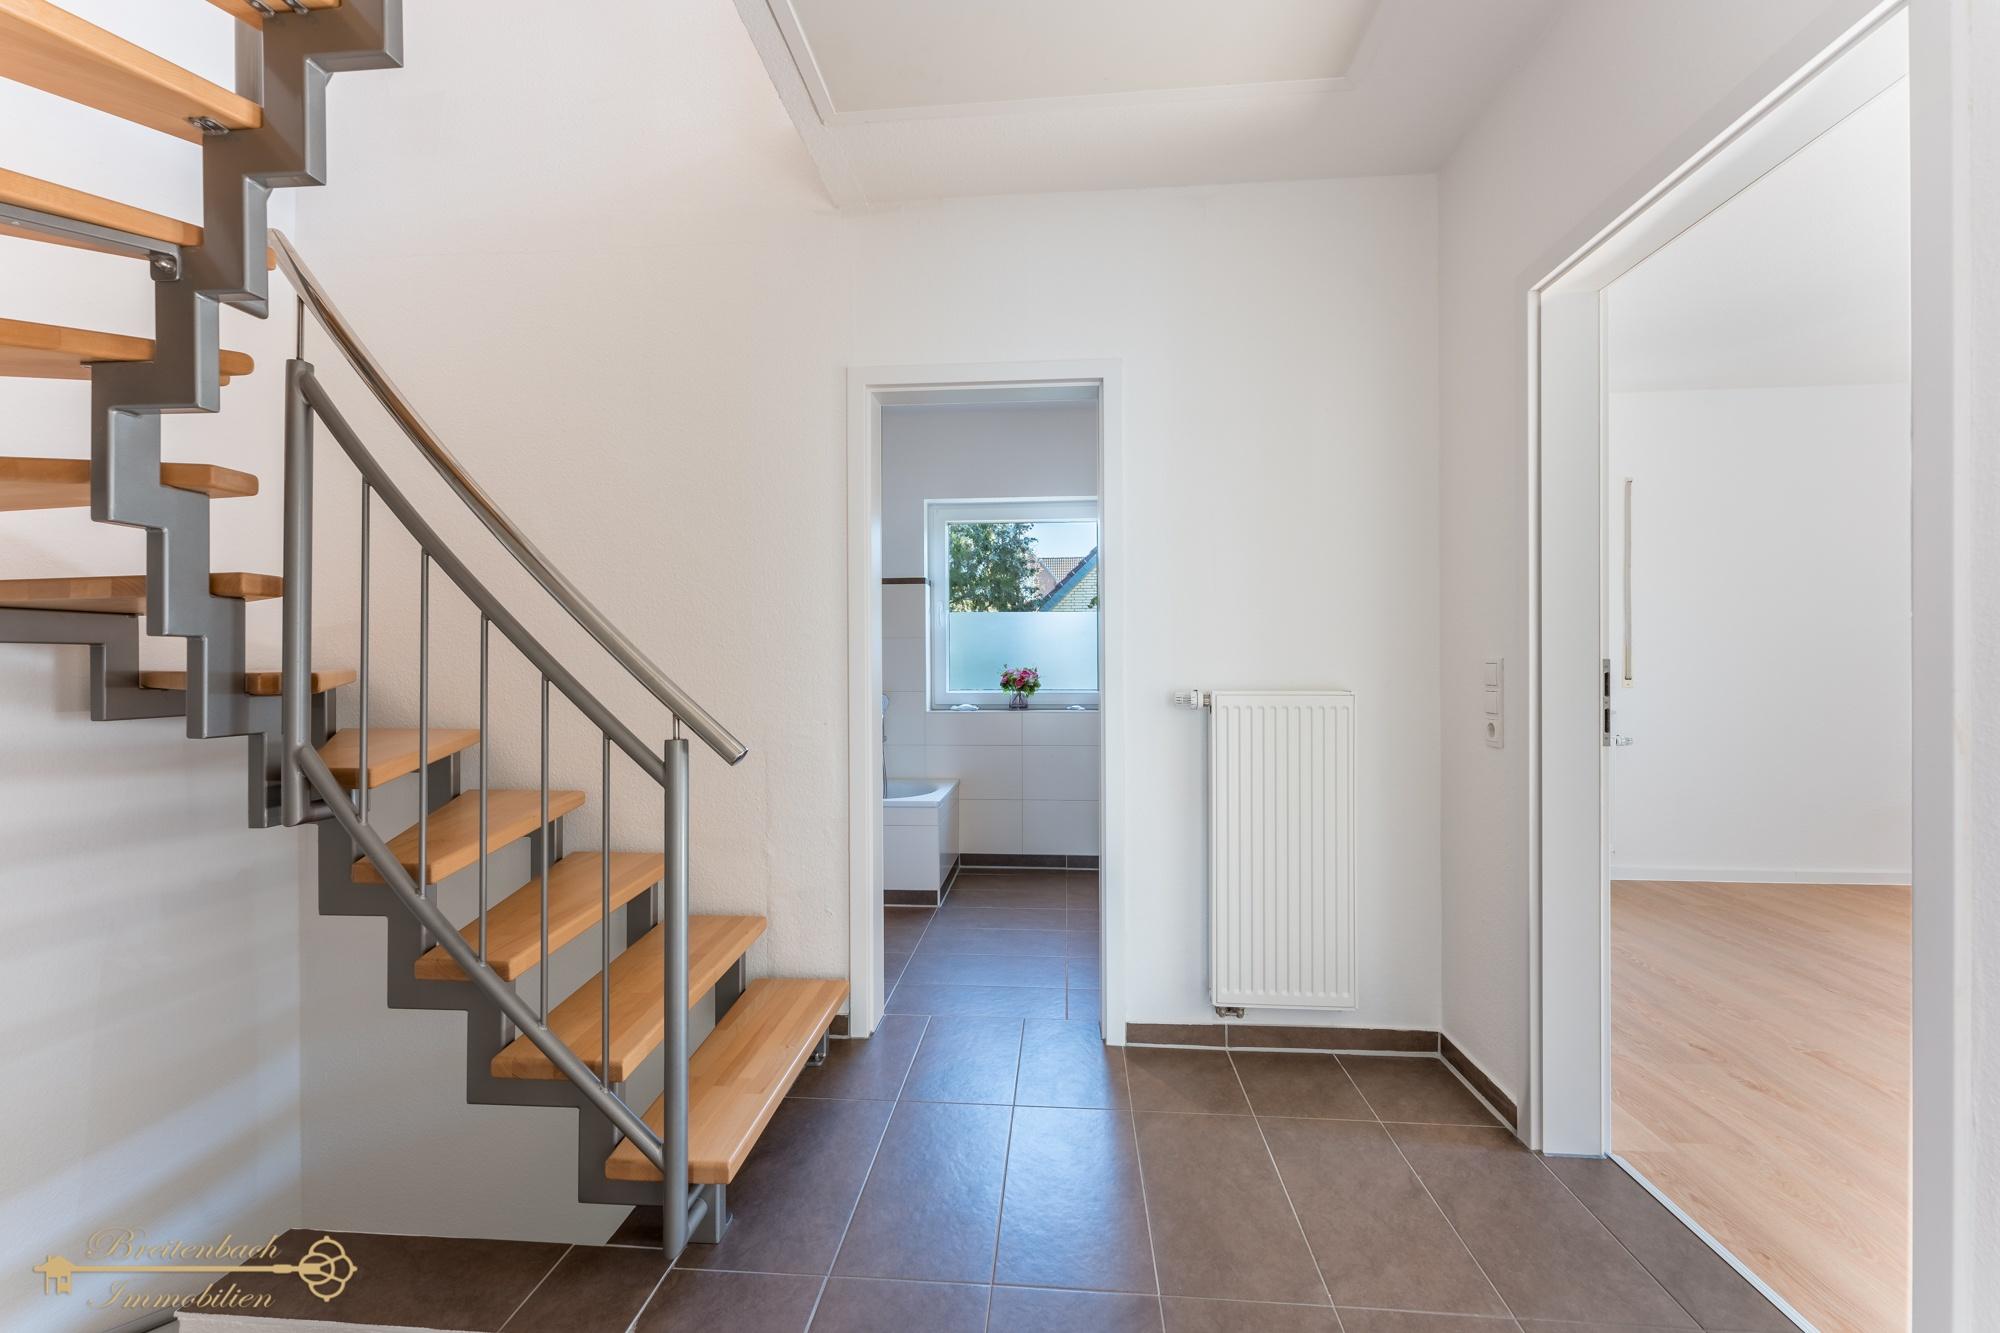 2021-03-29-Breitenbach-Immobilien-Makler-Bremen-11